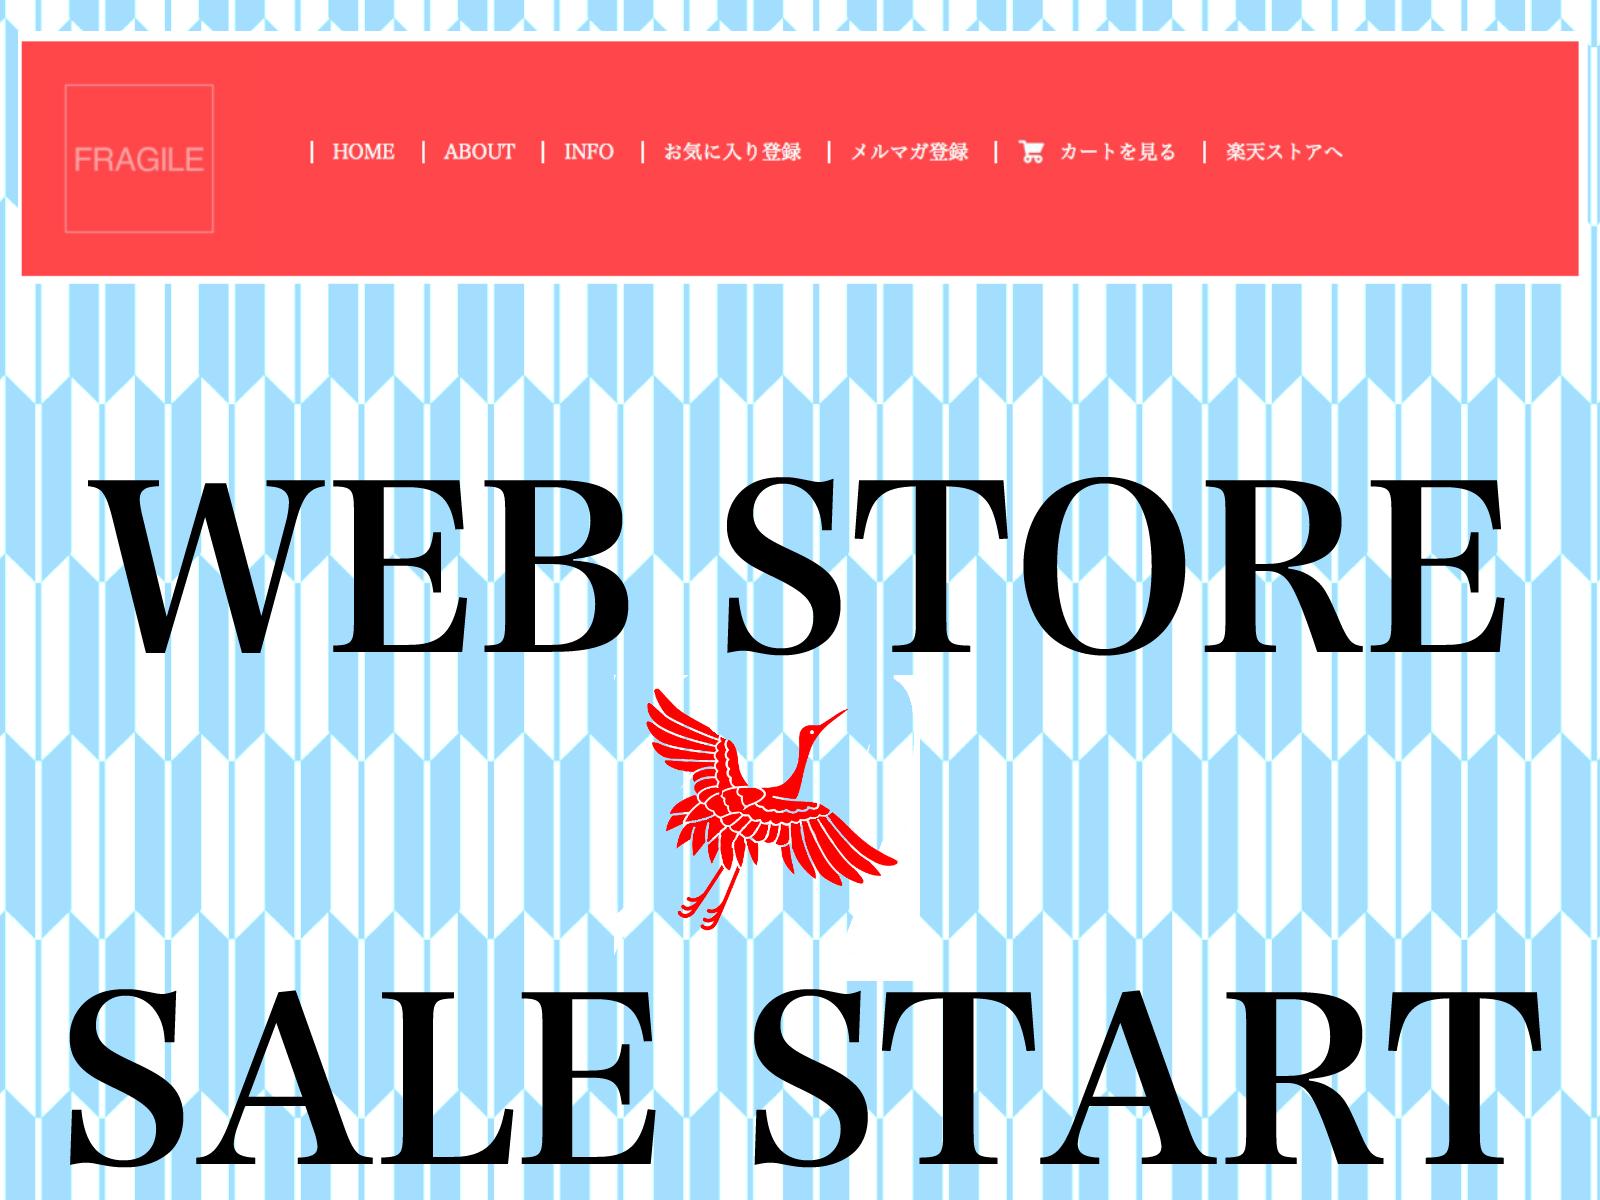 WEB STOREにてウィンターセール開始しました